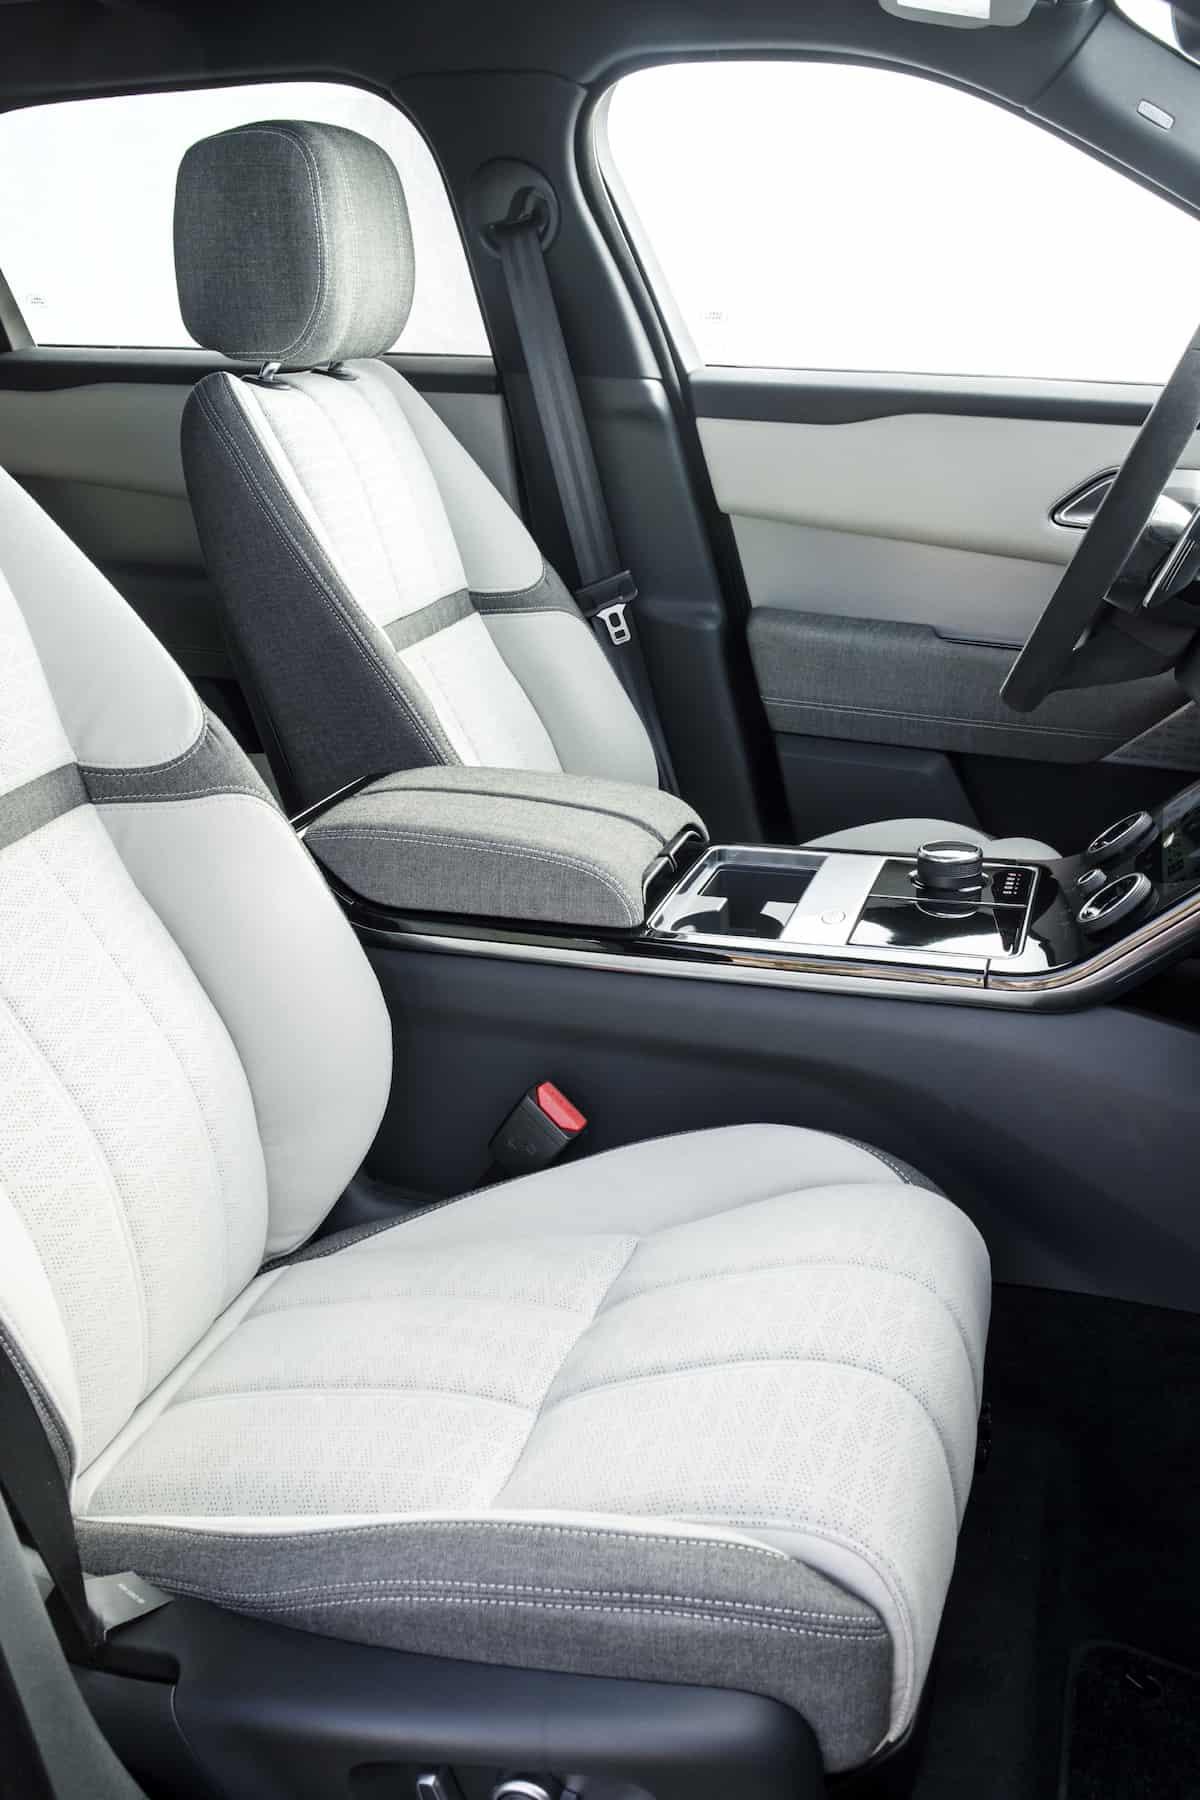 2018 range rover velar review interior2